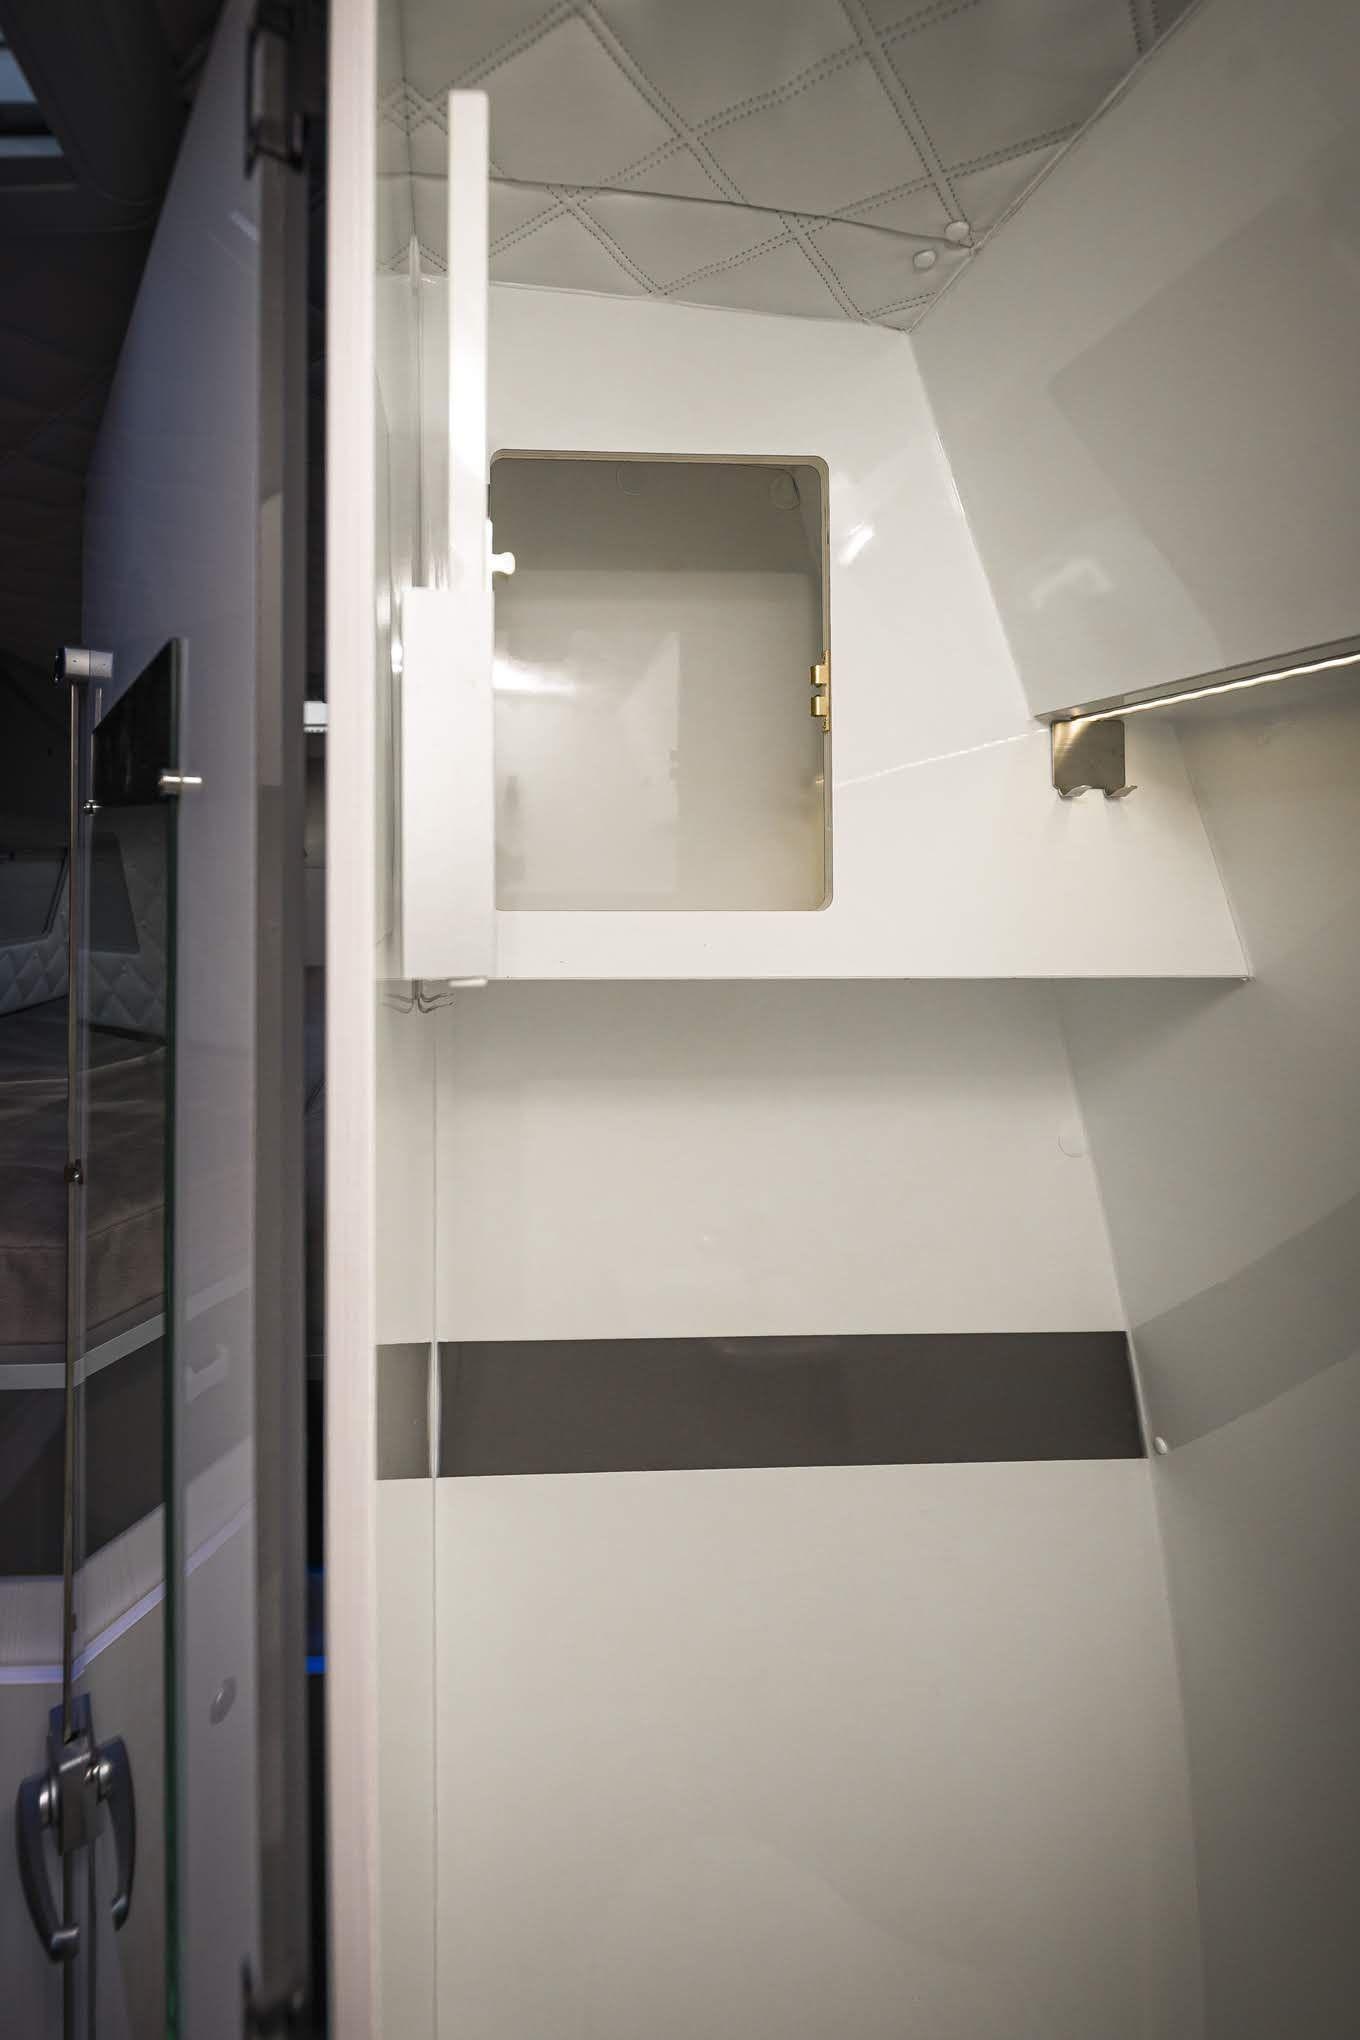 Wohnmobil Dusche WC in 8  Mercedes sprinter, Dusche, Ktm